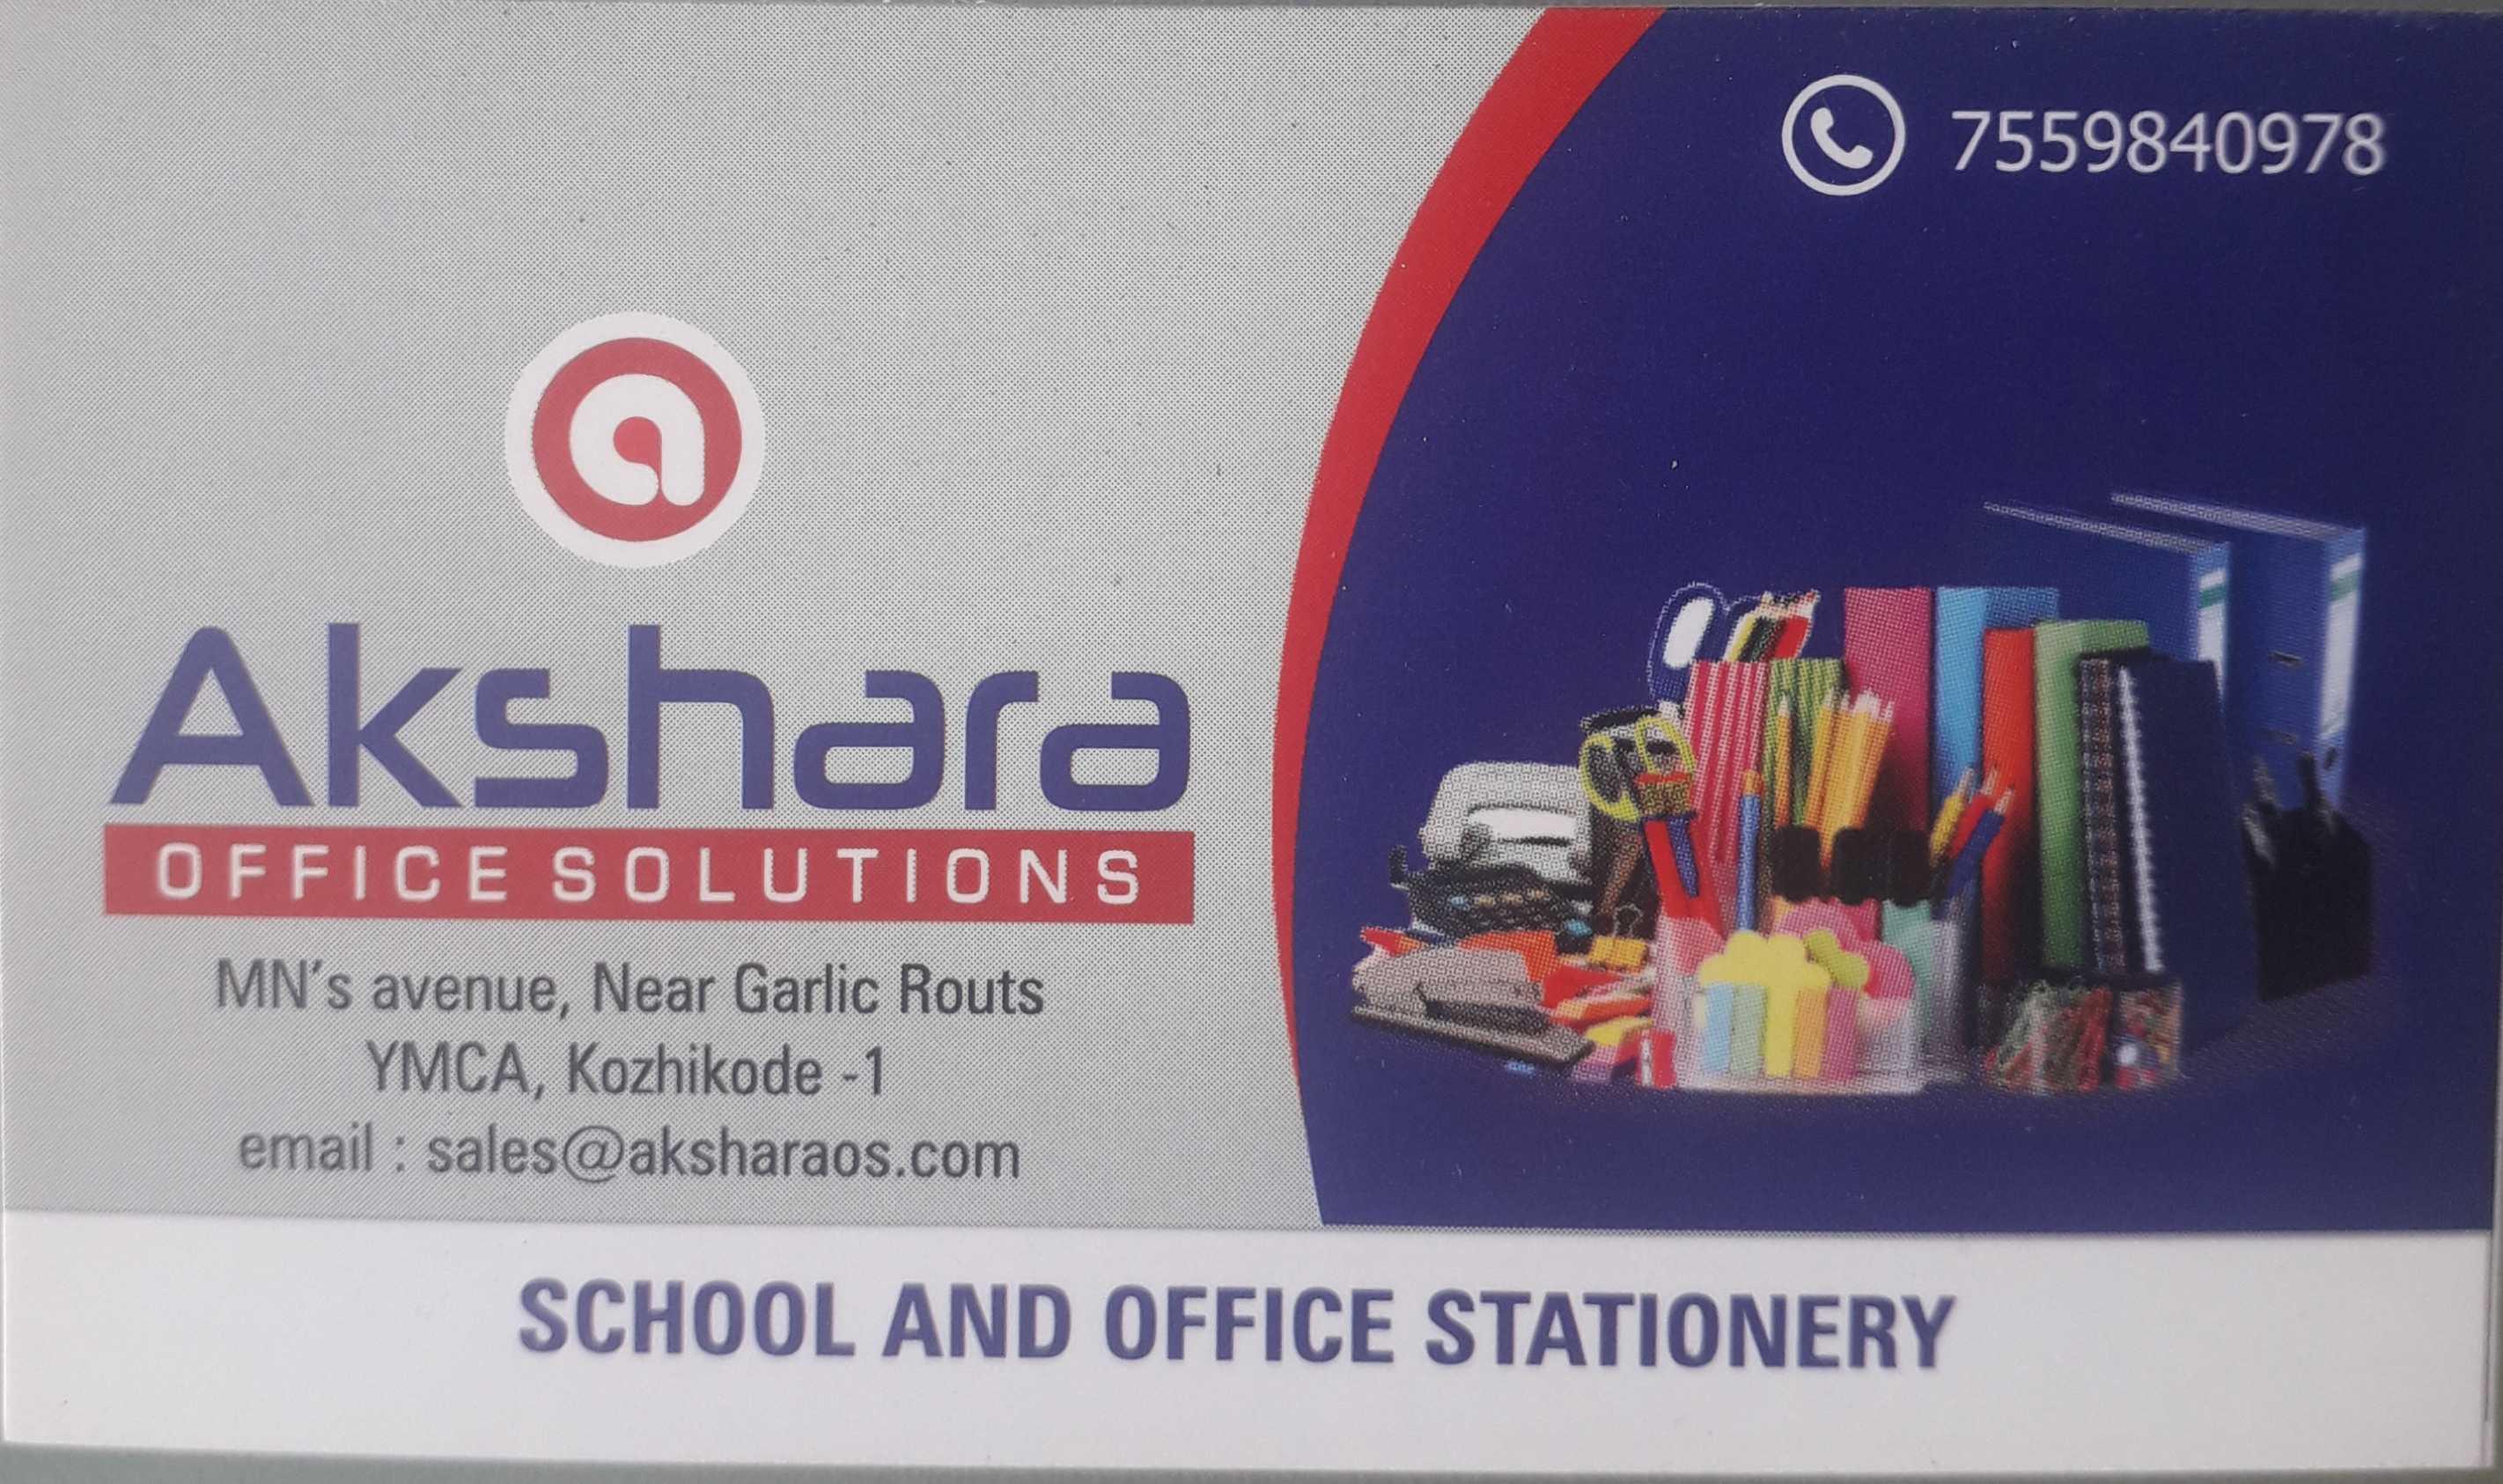 AKSHARA Office Solutions, STATIONARY,  service in Kozhikode Town, Kozhikode